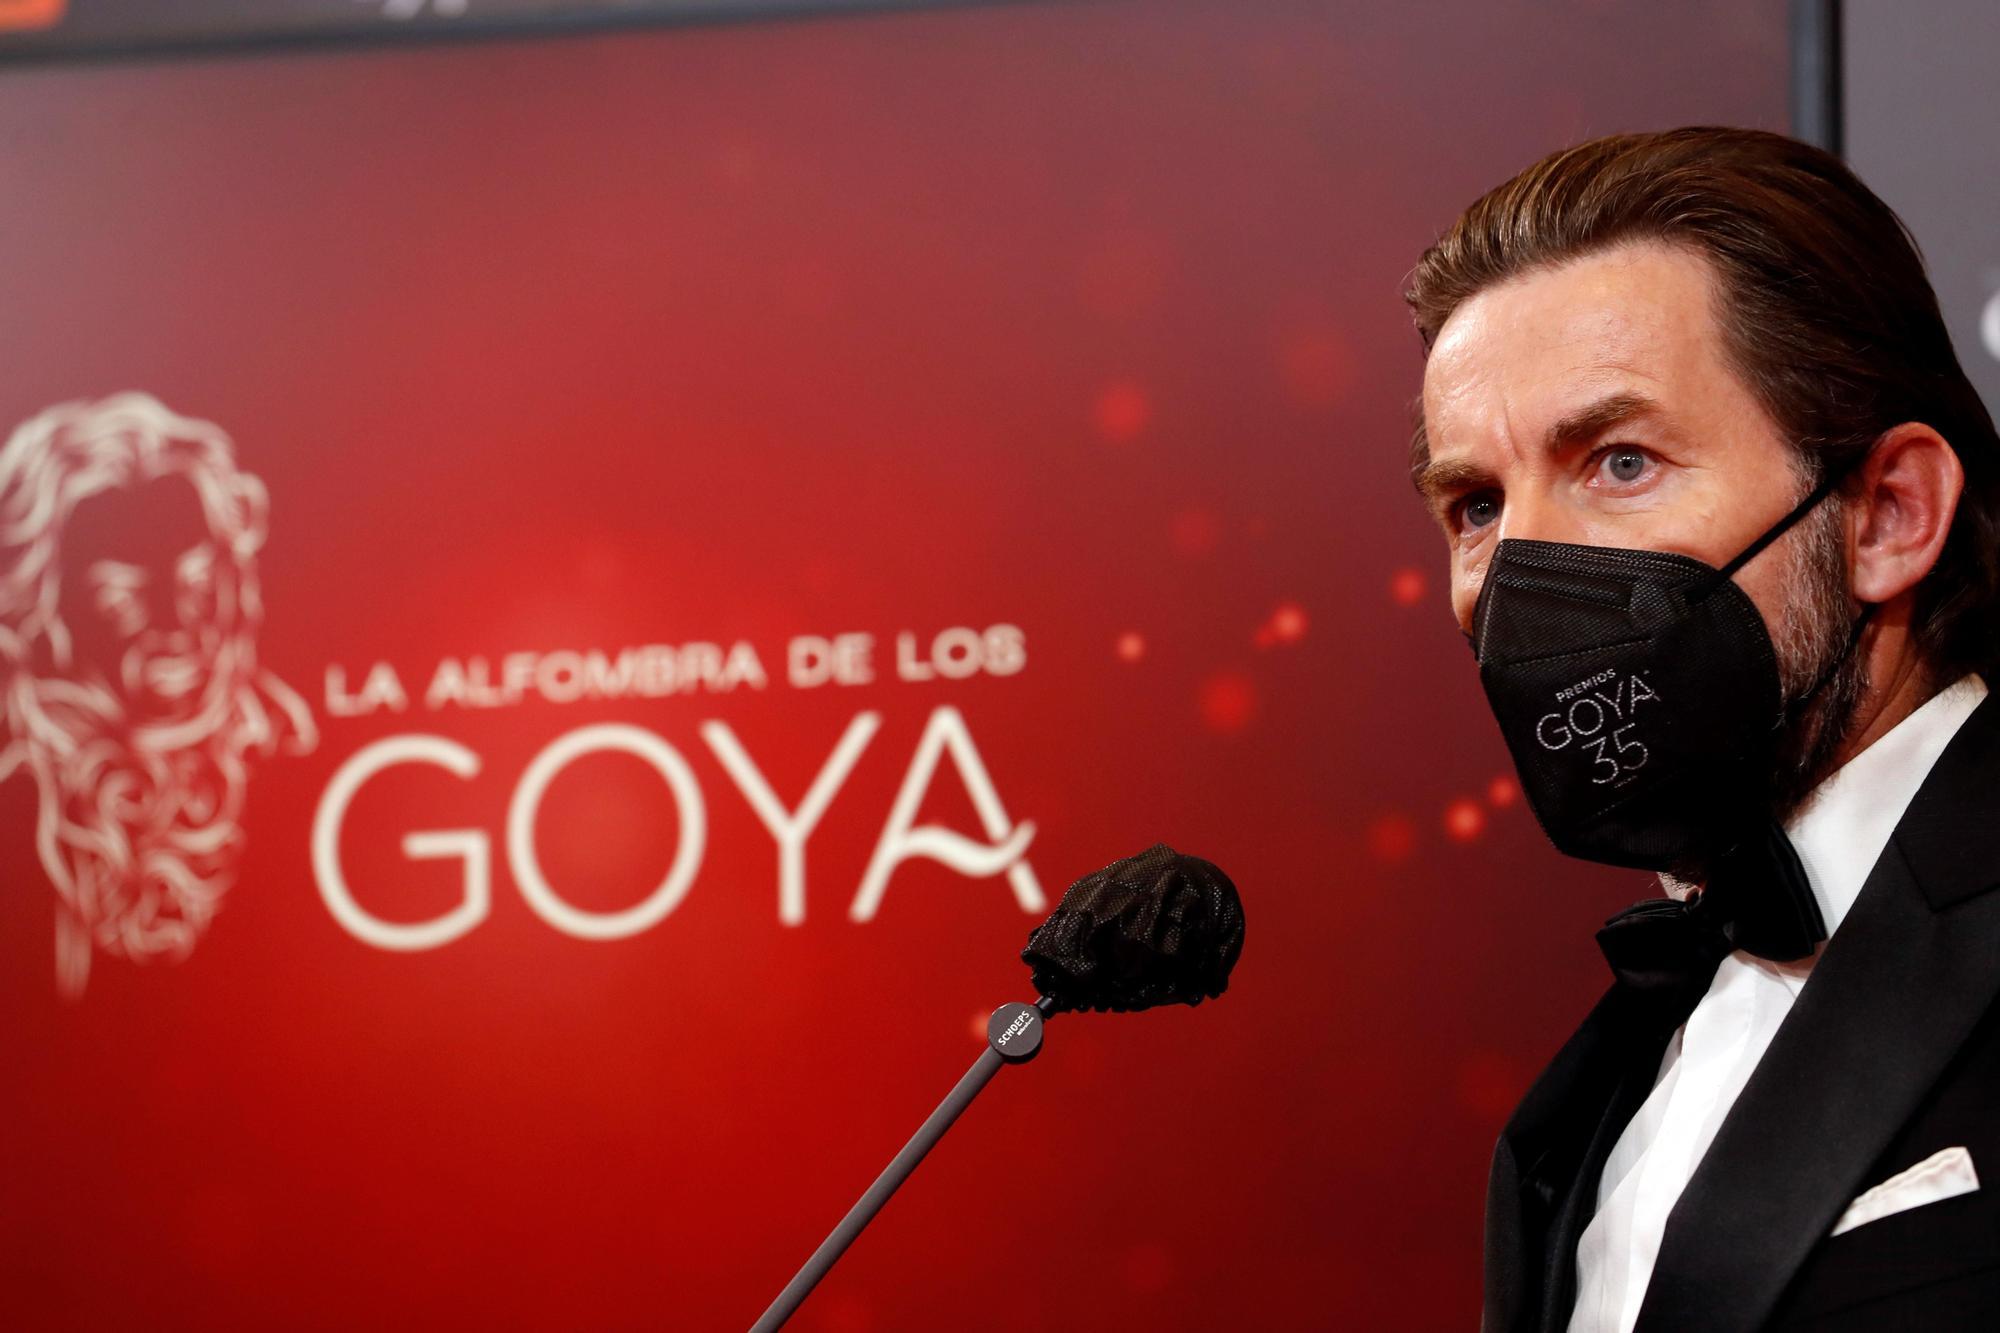 El actor Antonio de la Torre a su llegada hoy Sábado a la gala de la 35 edición de los Premios Goya que se celebra en el Teatro del Soho CaixaBank de Málaga. EFE / Jorge Zapata.